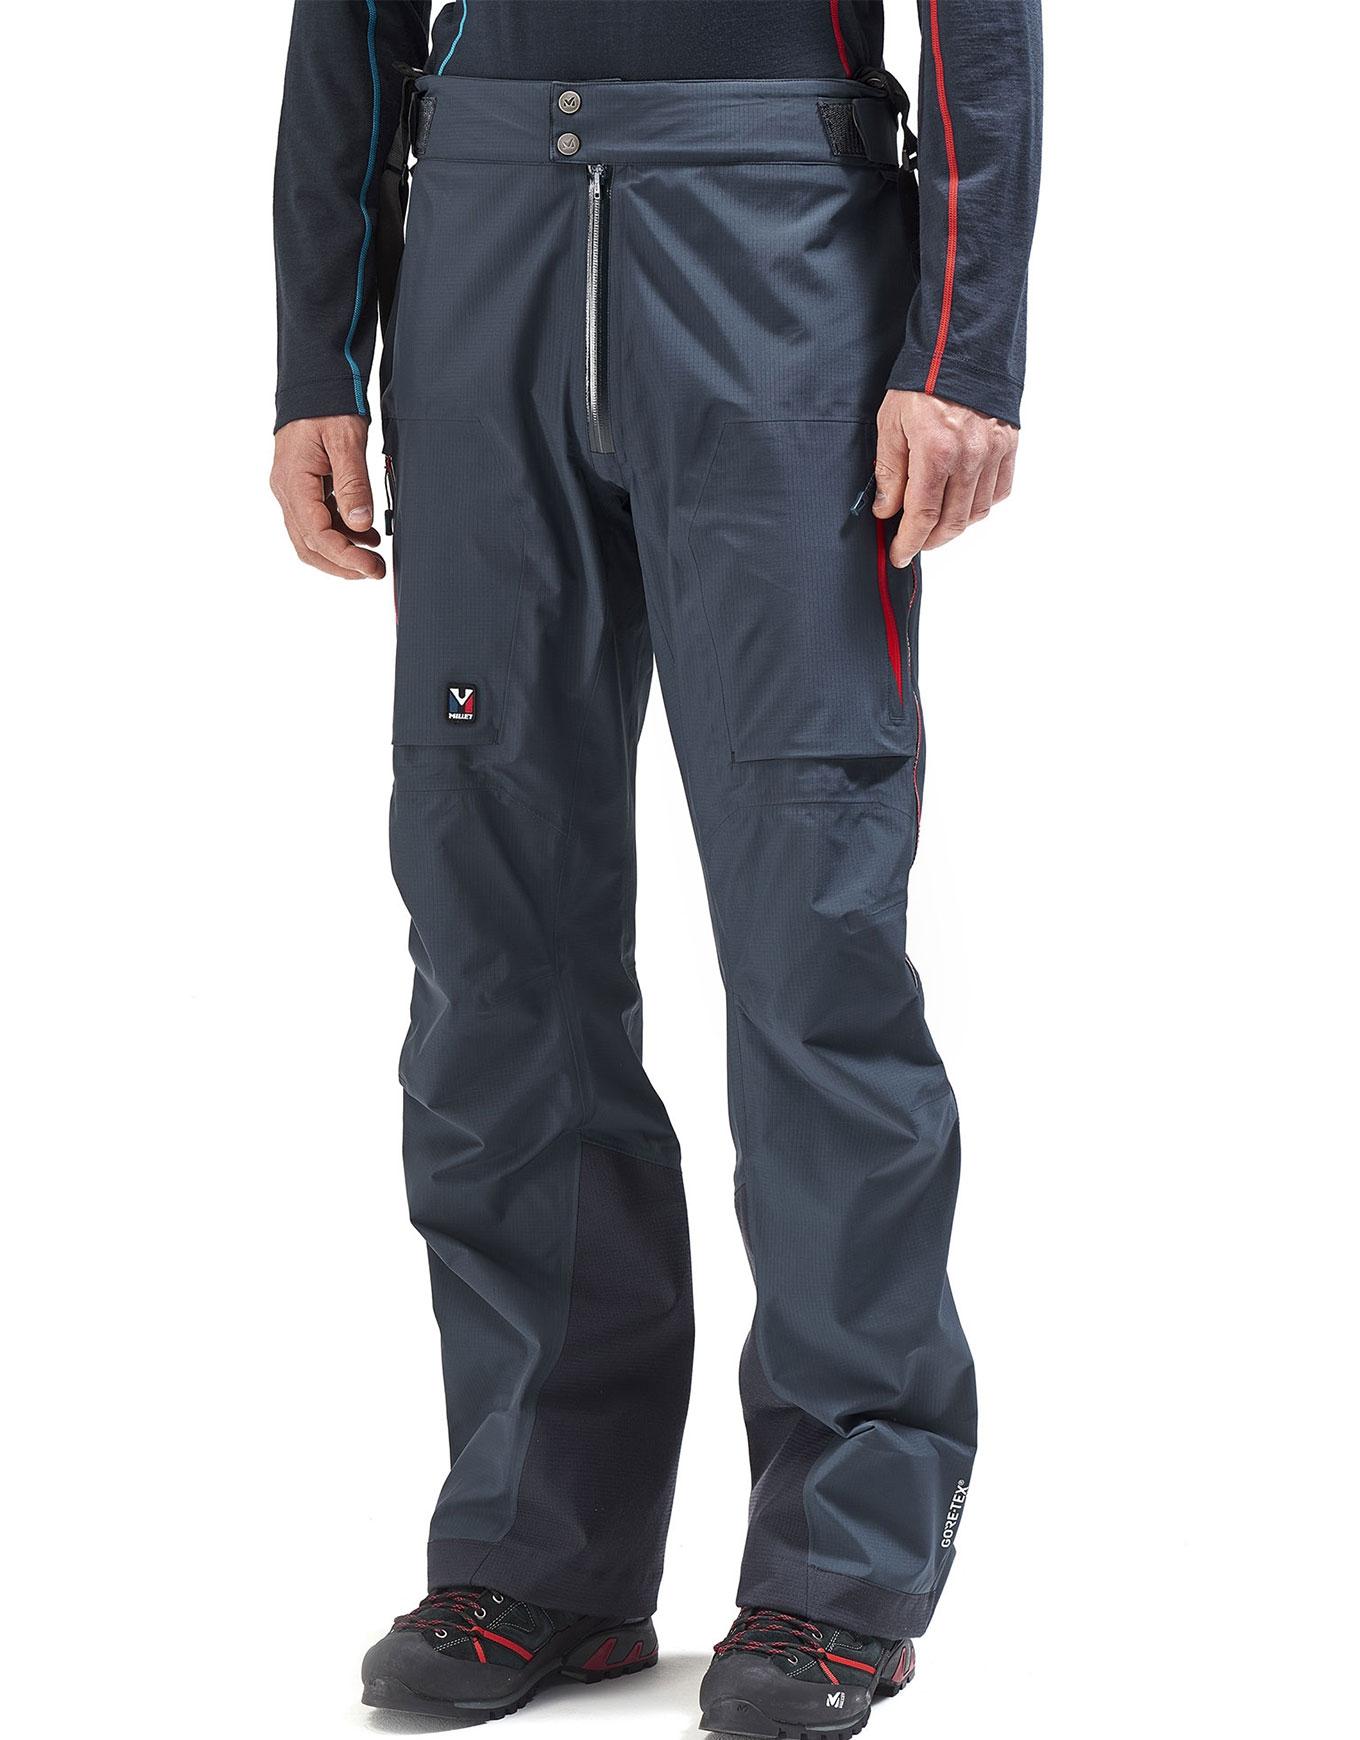 5fb6f1923de49 Trilogy Gtx Pro Pant Saphir Millet : Pantalons ski de randonnée ...